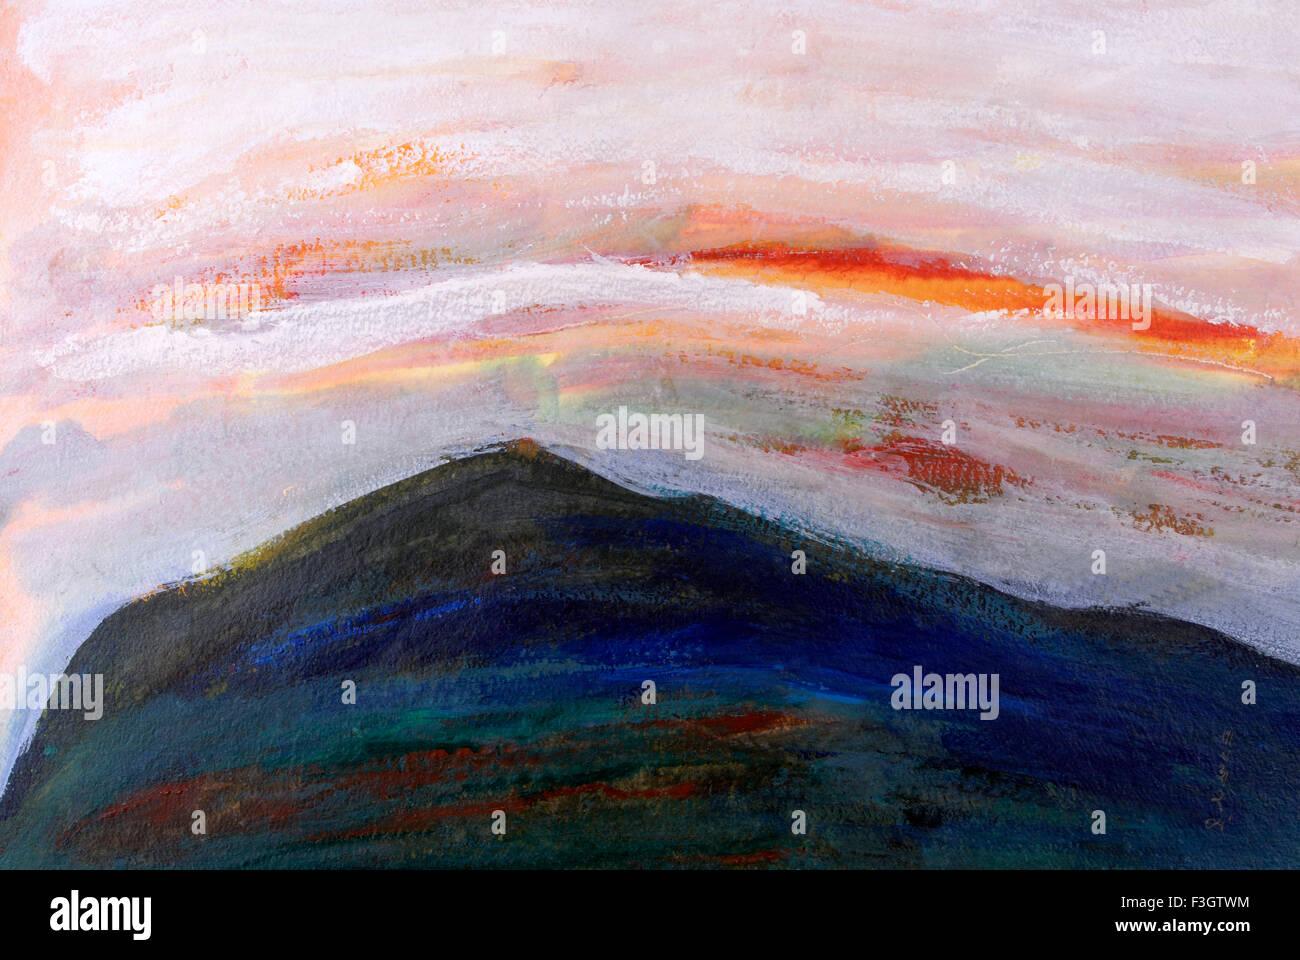 Impression du lever du soleil dans les montagnes de couleurs acryliques sur papier fait main Photo Stock